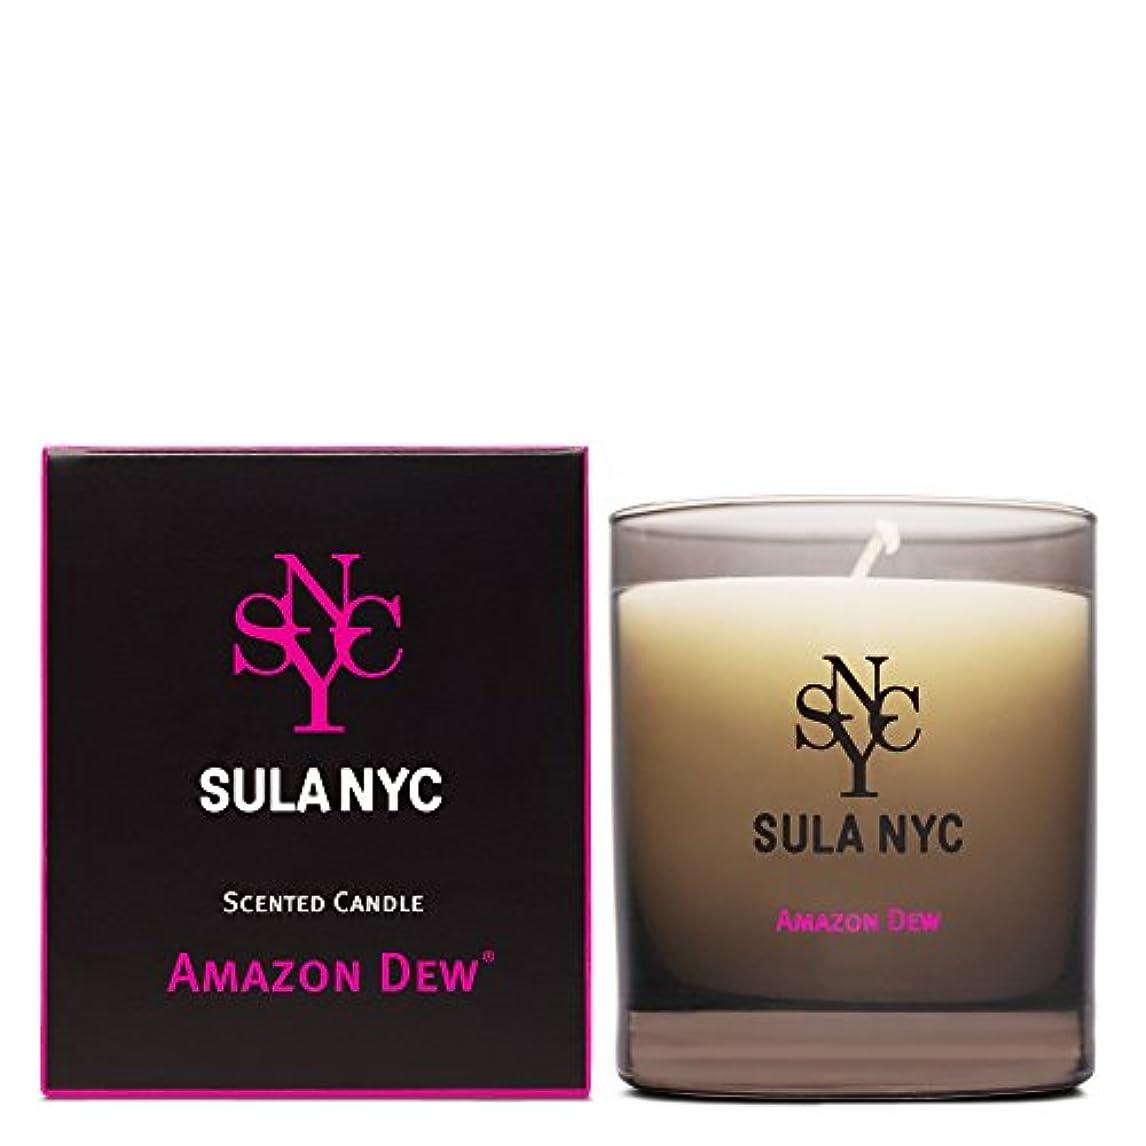 敬幅流星SULA NYC SCENTED CANDLE AMAZON DEW スーラNYCセンティッドキャンドル アマゾン?デュー